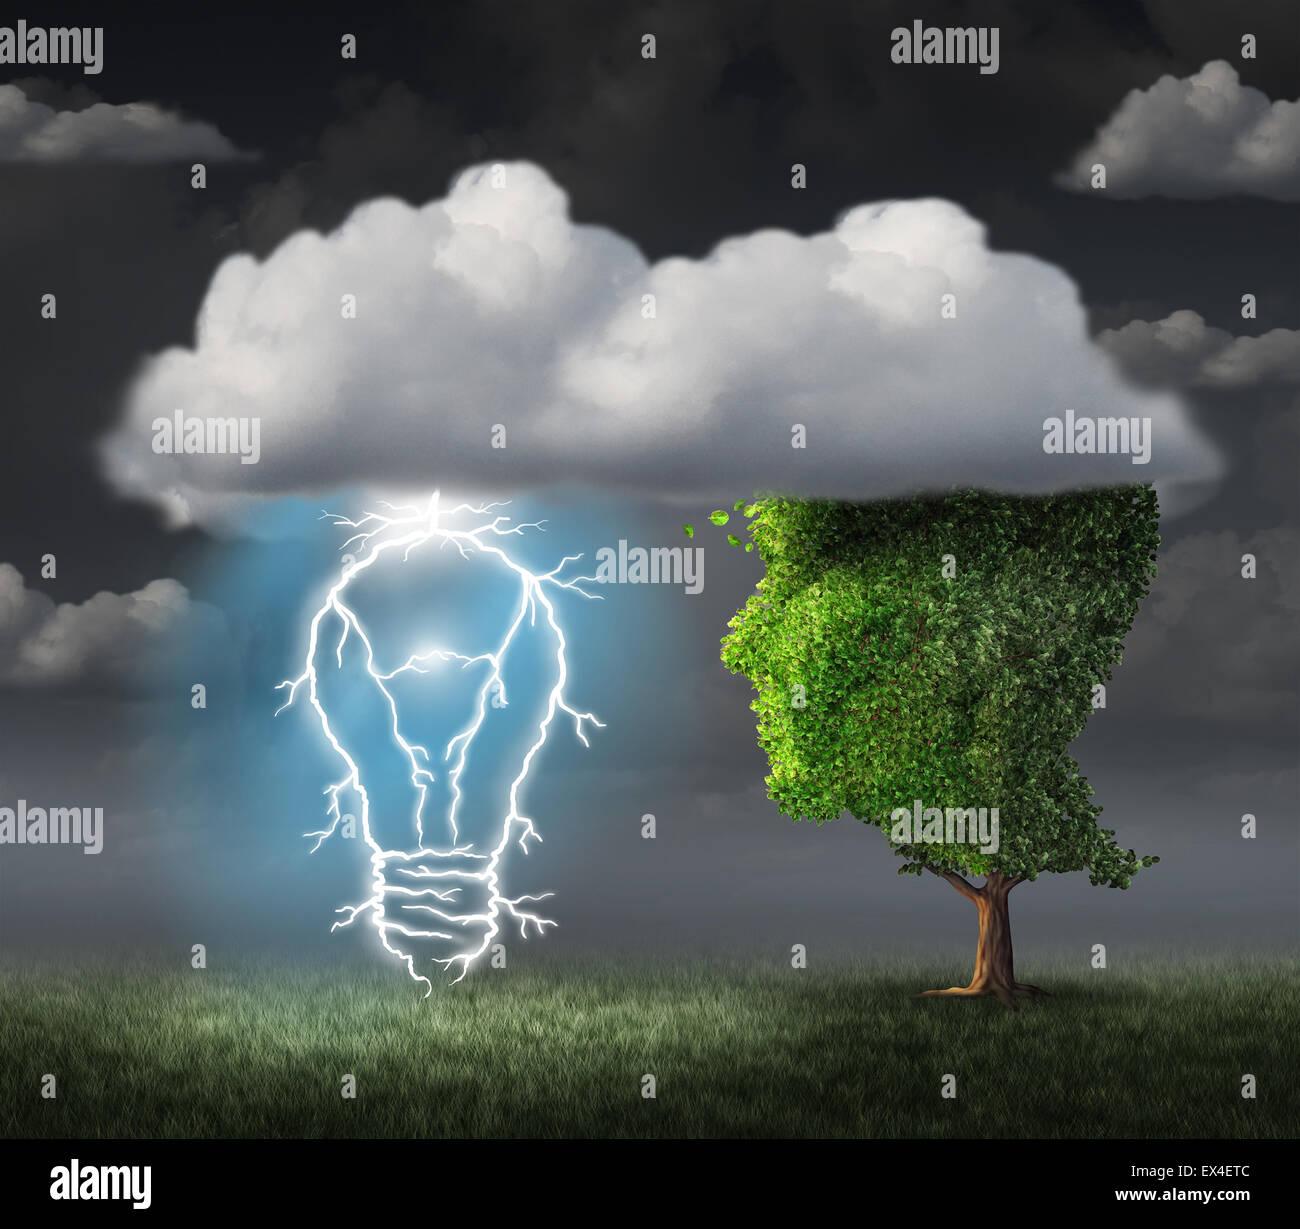 Idea de negocio concepto como un árbol con la forma de una cara bajo una nube con un rayo eléctrico en Imagen De Stock